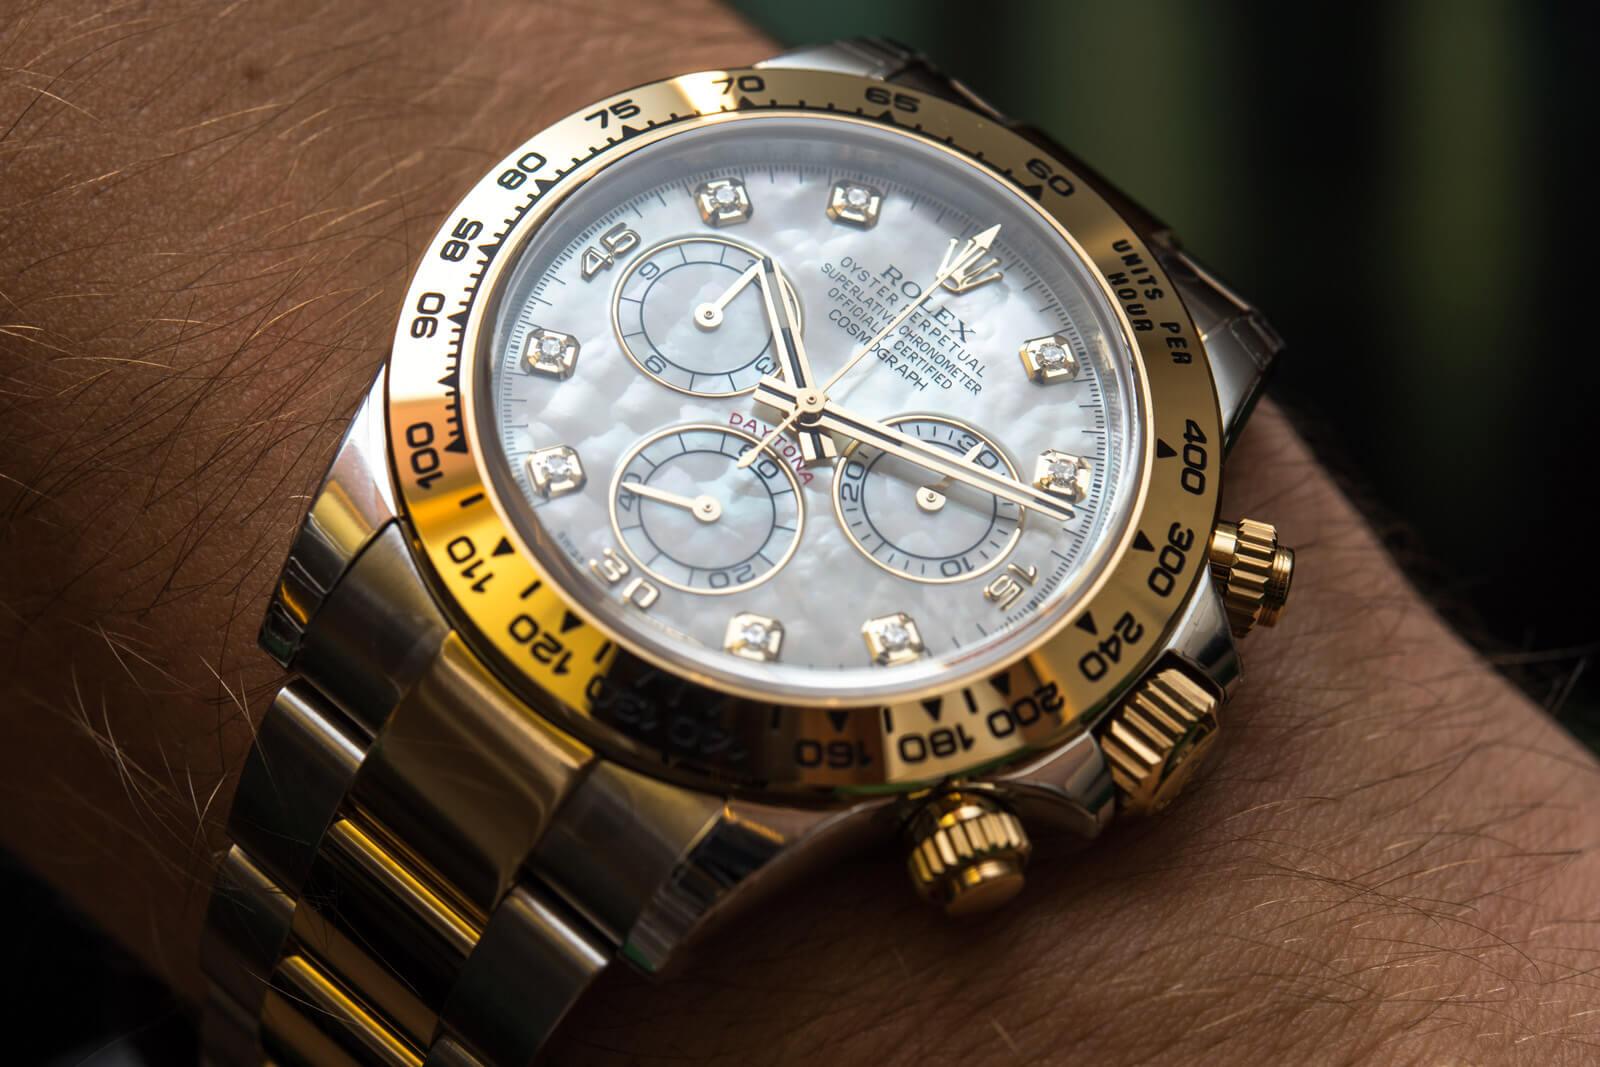 Rolex Daytona Ref. 116503 - Bijeli biser sa dijamantima